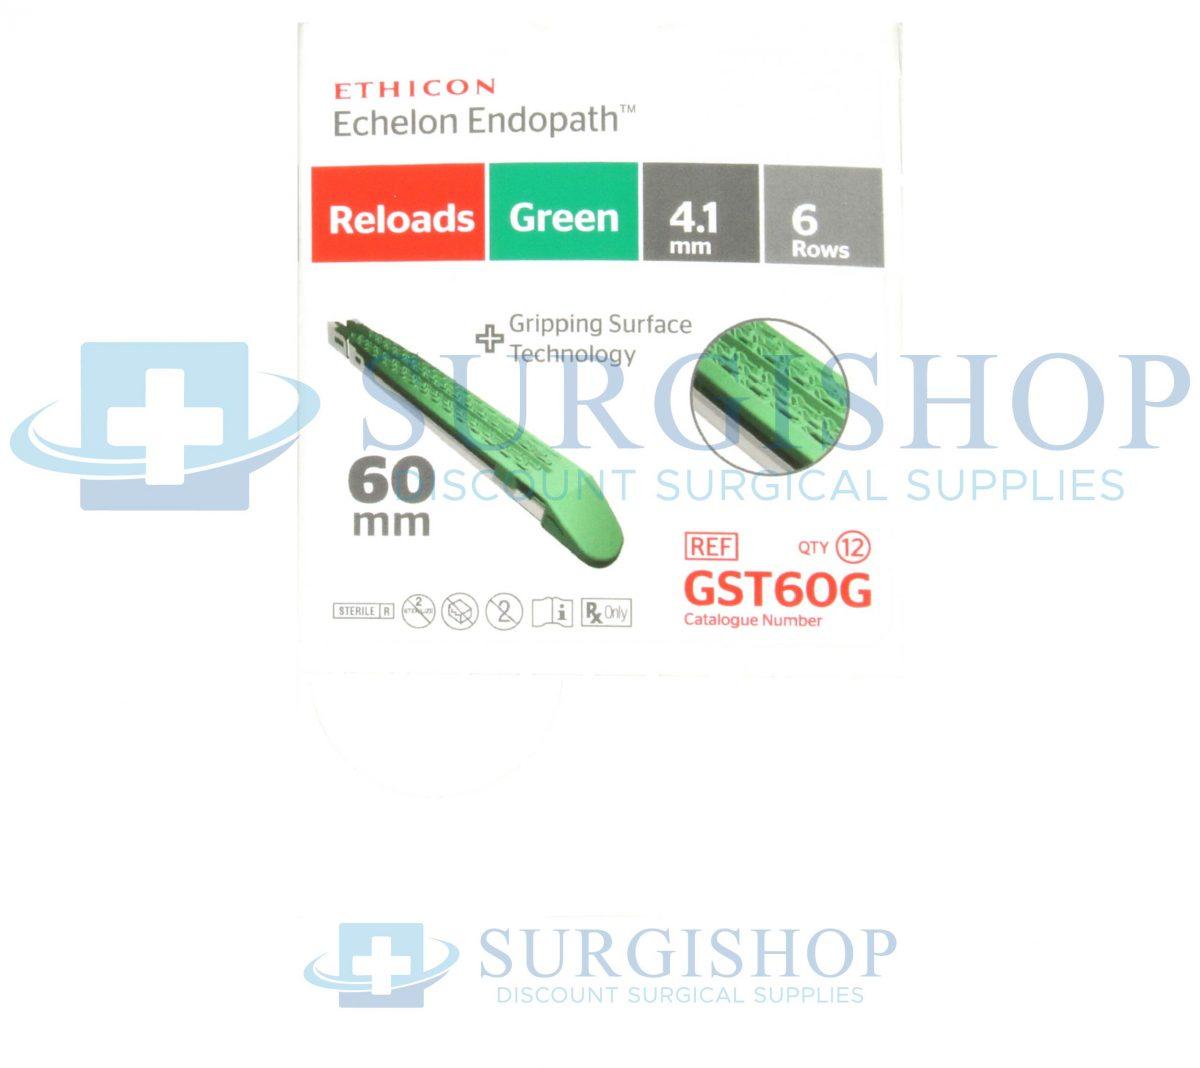 Ethicon Echelon Flex GST System Reload (Green) 60.0mm x 4.1mm